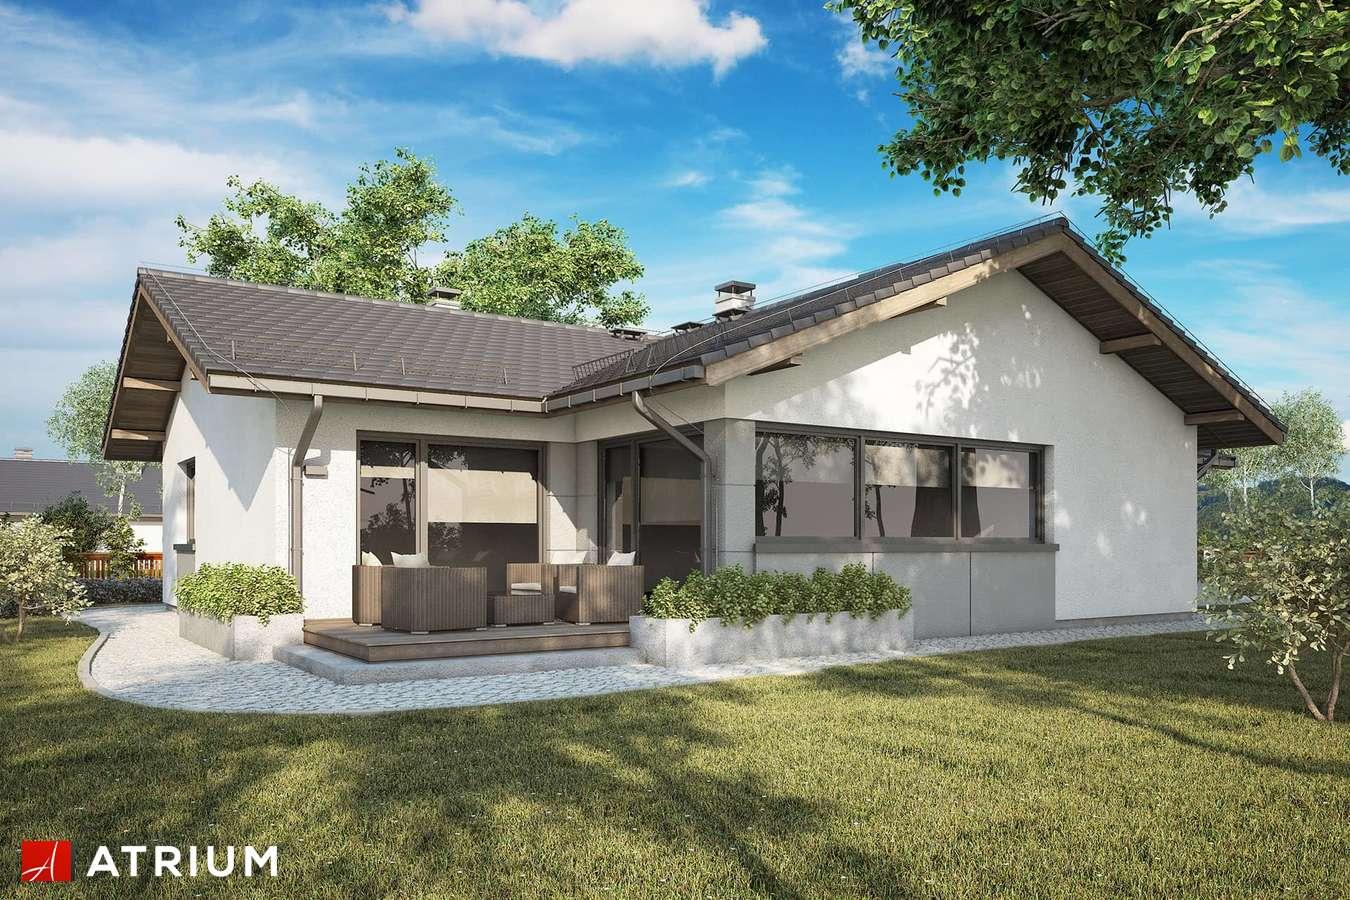 Projekty domów - Projekt domu parterowego OSTOJA VII - wizualizacja 2 - wersja lustrzana